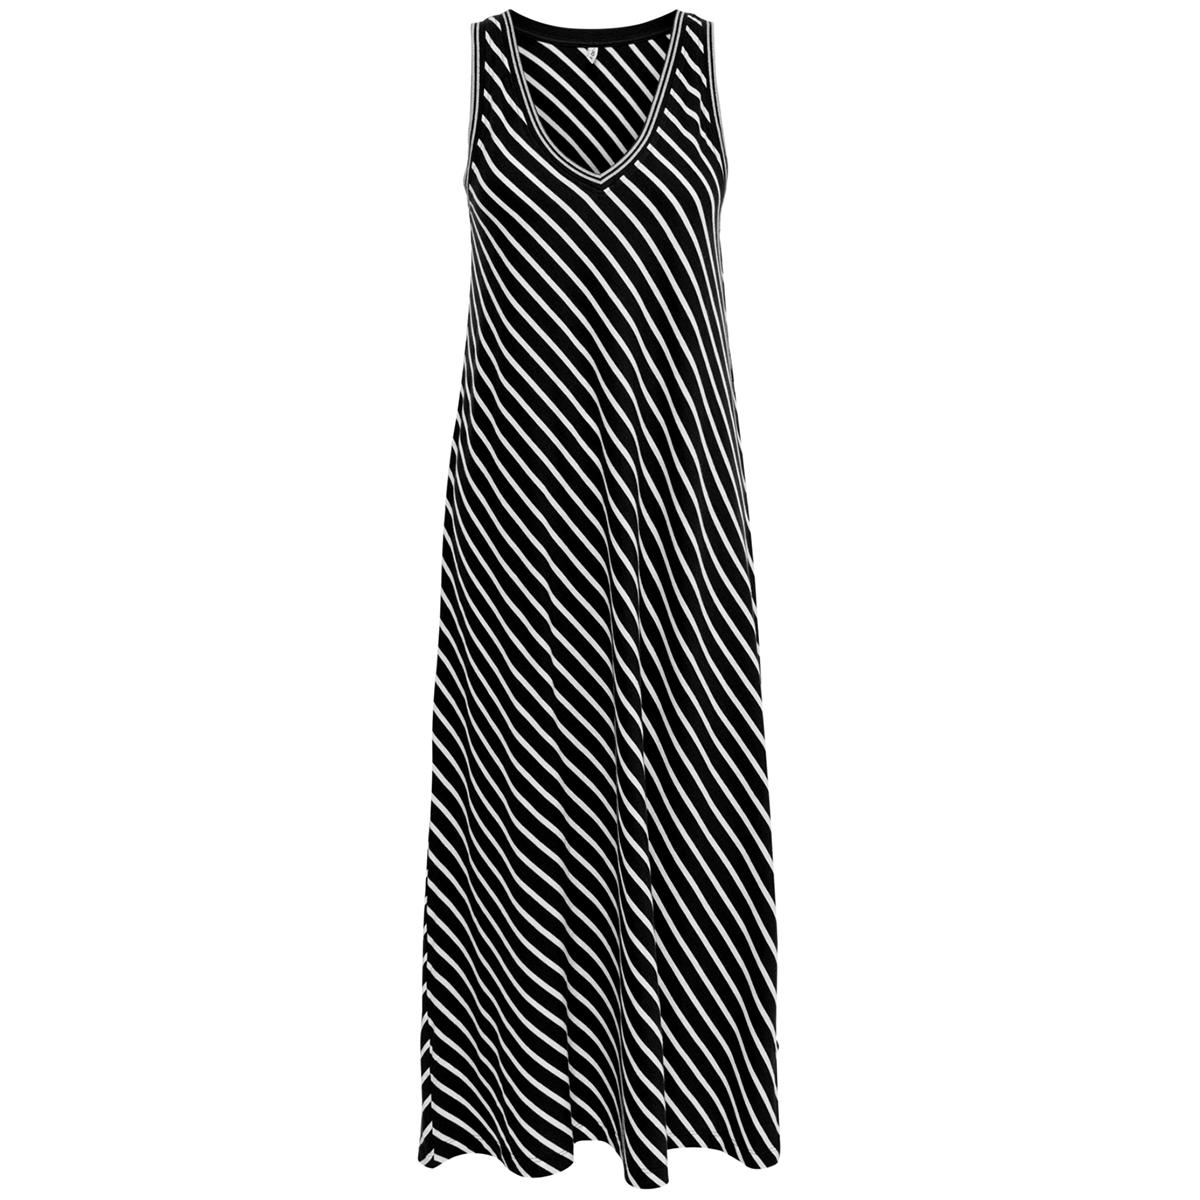 onlmarie life s/l v-neck dress jrs 15204358 only jurk black/cloud dancer